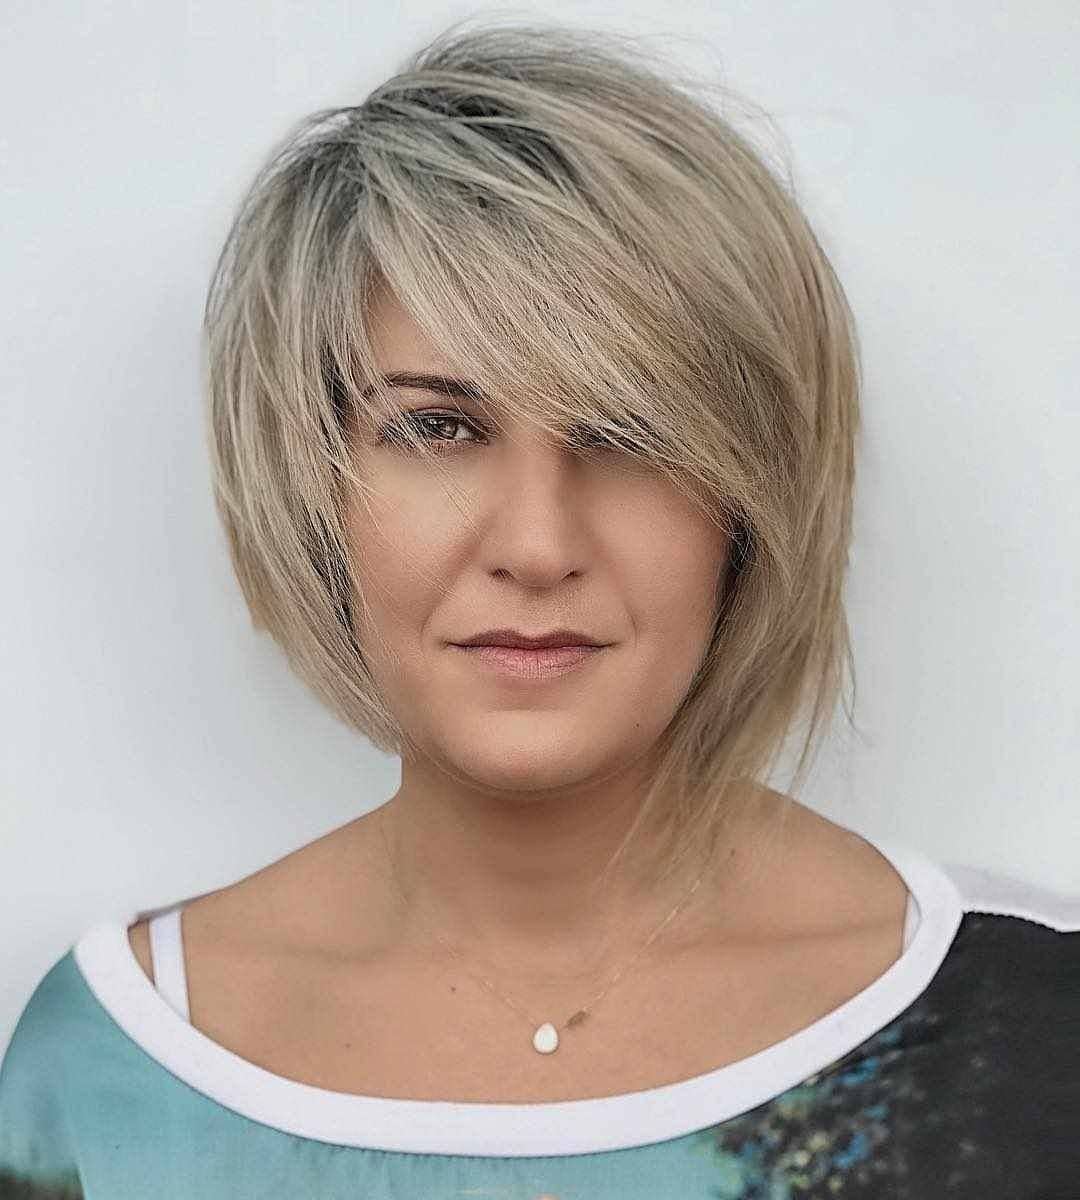 объемные стрижки для женщин 40-50 лет фото 5